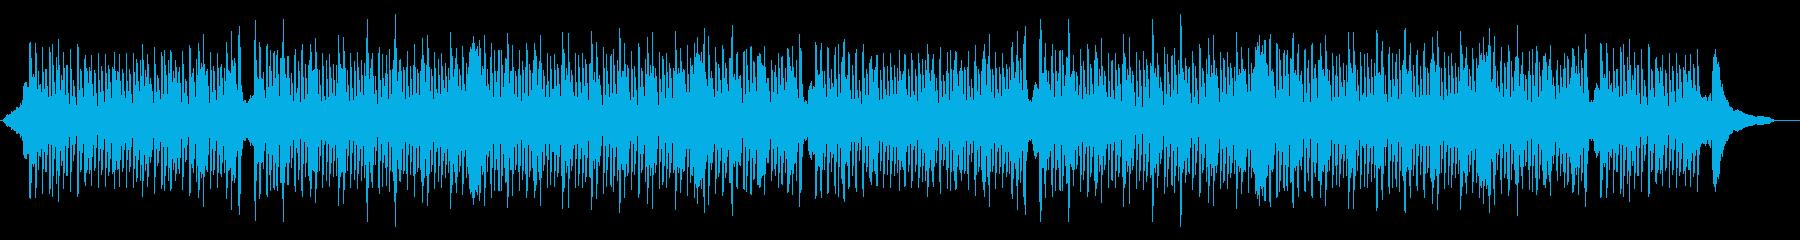 知的なピアノバイオリン:メロディと弦抜きの再生済みの波形